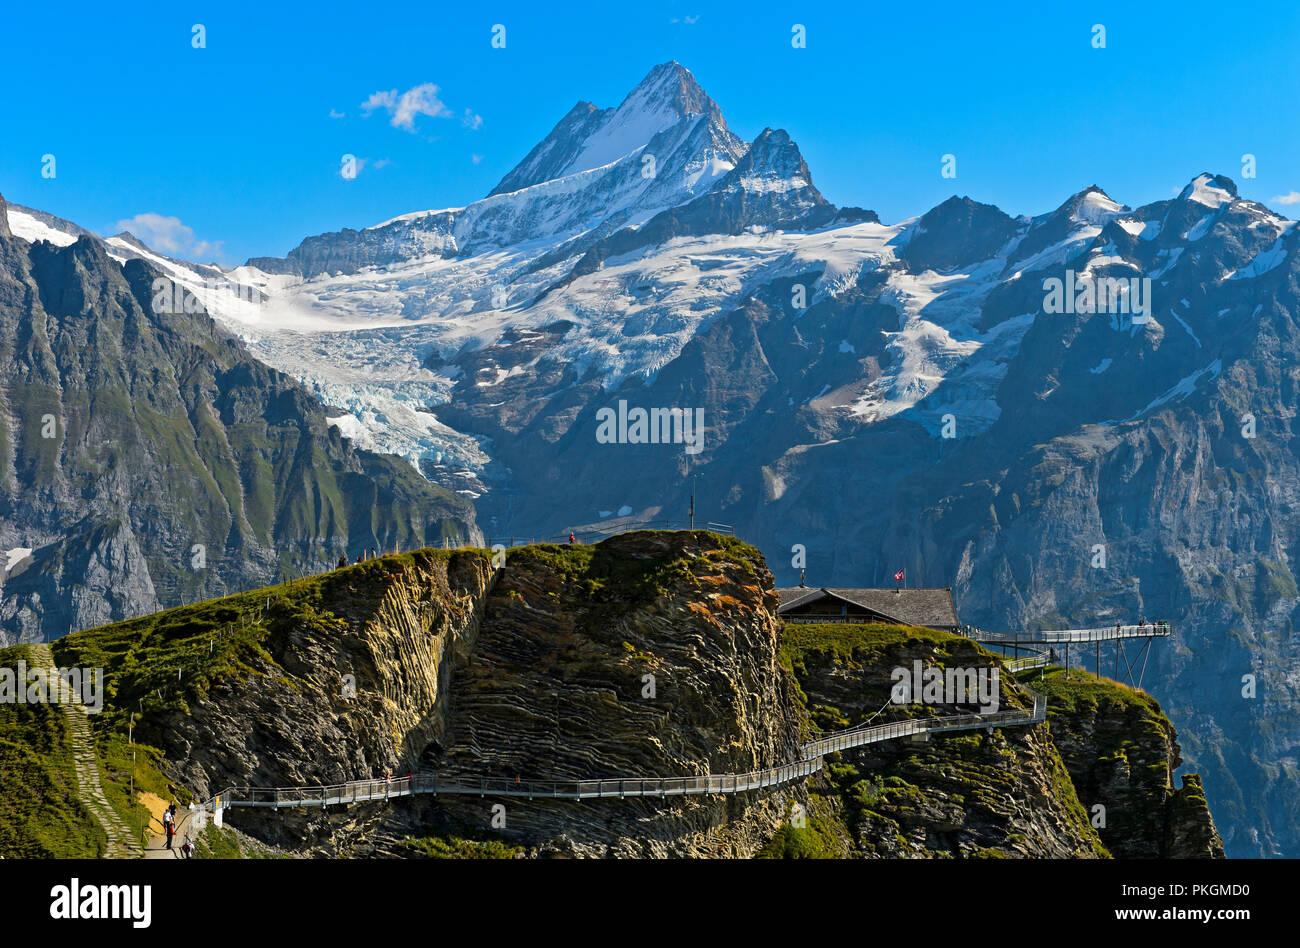 Erste Cliff Walk von Tissot mit Aussichtsplattform im Wandergebiet Ersten, Aussicht an der Spitze Schreckhorn, Grindelwald, Berner Oberland, Schweiz Stockbild